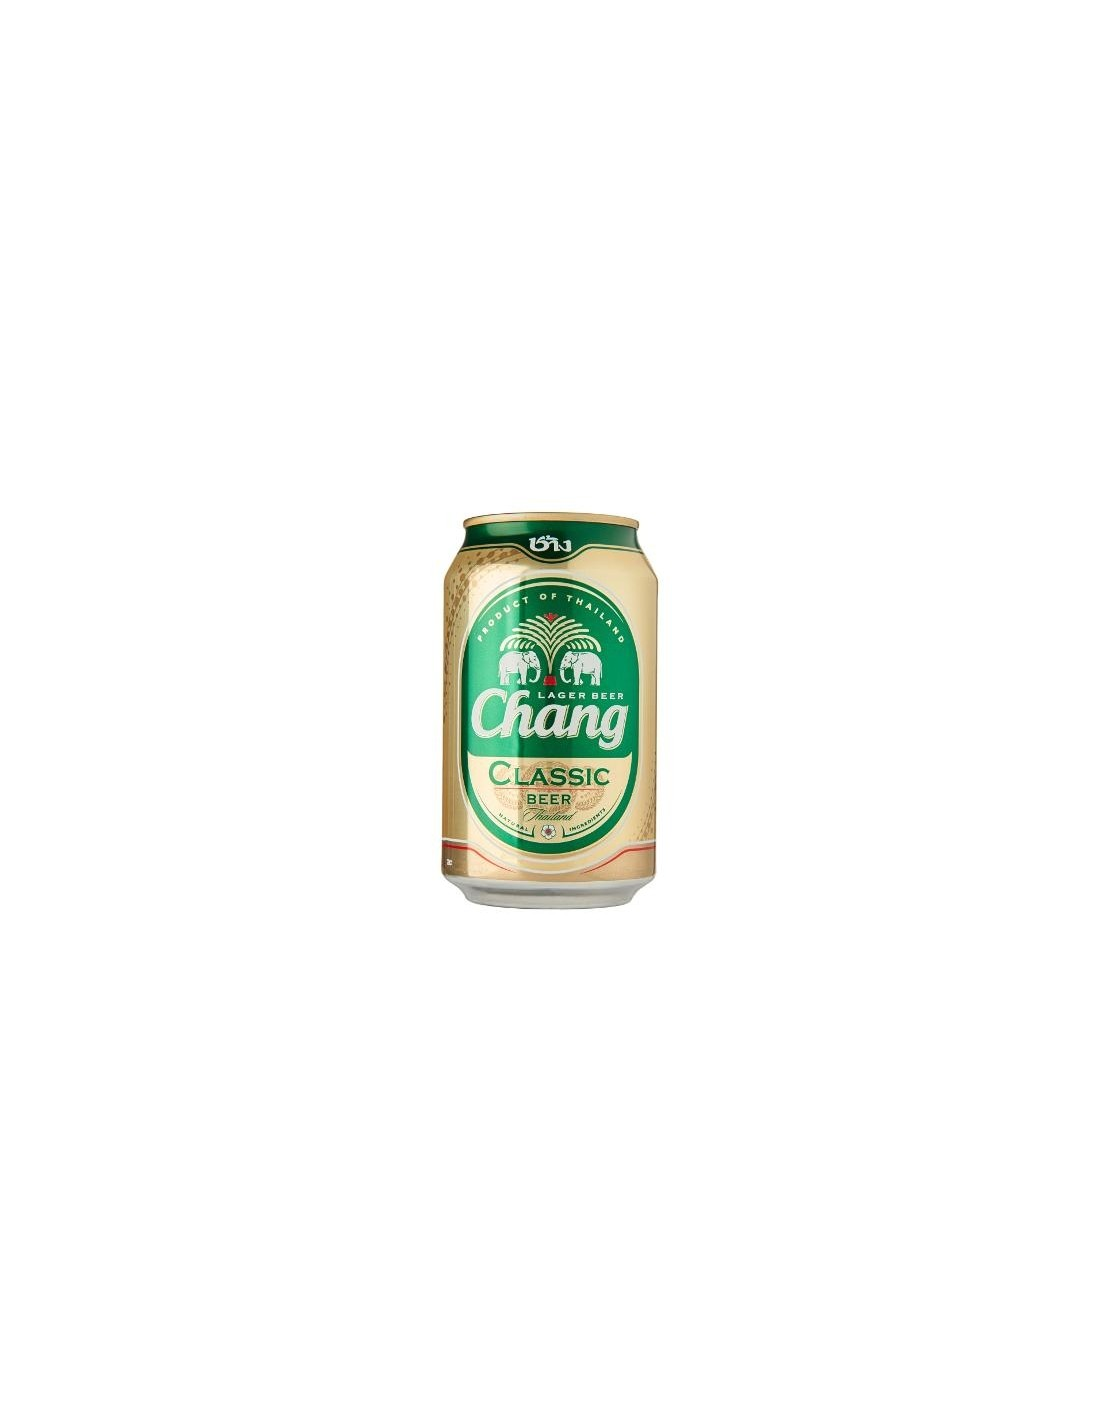 Bere blonda Chang Classic, 5% alc., 0.33L, Thailanda